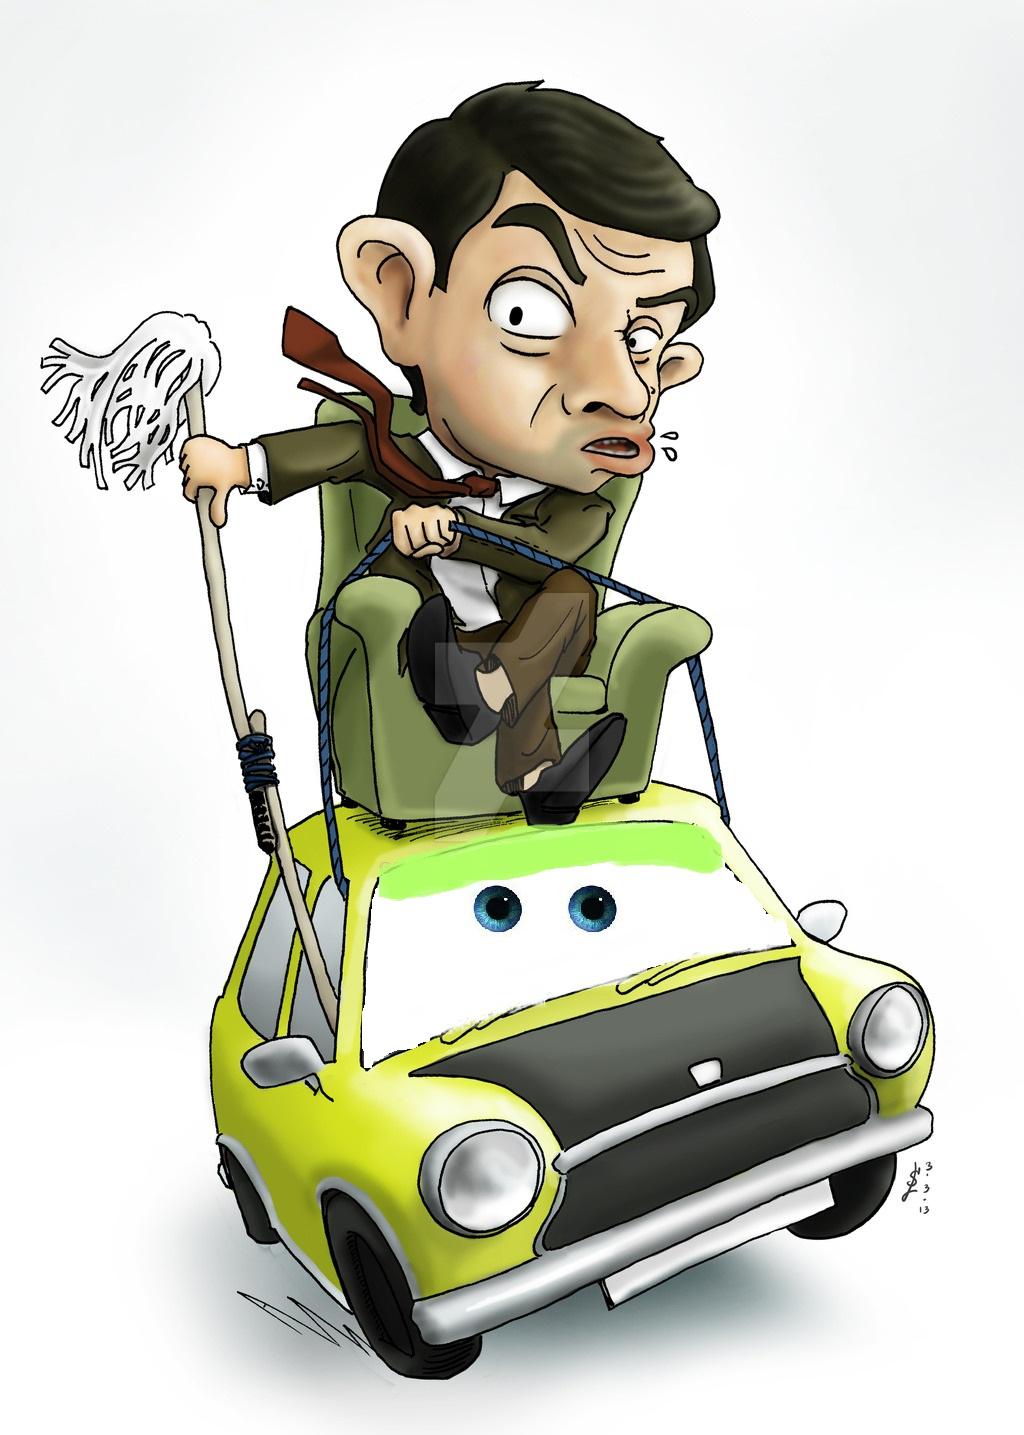 Image Mr Bean Chair Drive A Car By Disney Pixar Mr Bean Wiki Fandom Powered By Wikia